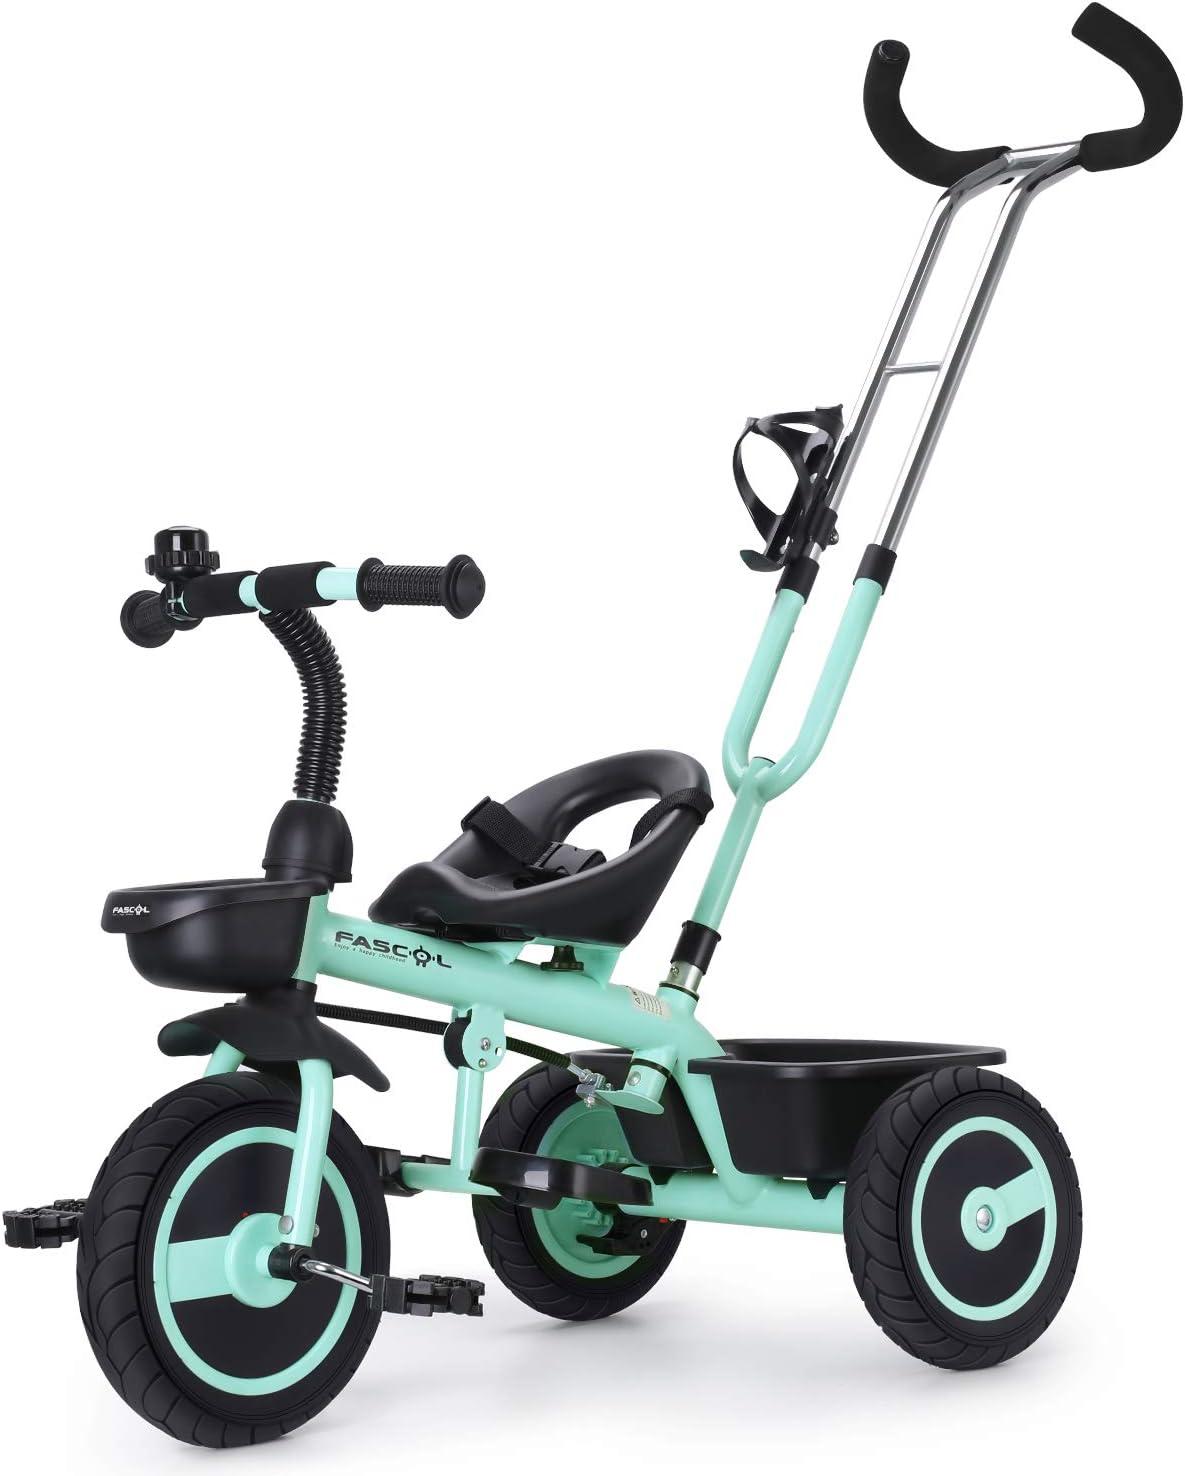 Fascol Triciclo Bebé con Barra Telescópica Extraíble Smart Bicicleta para Niños, Asiento Ajustable , Ruedas de Gomas y Conducción Silenciosa, 18 Meses - 5 Años,hasta 30KG (Verde)